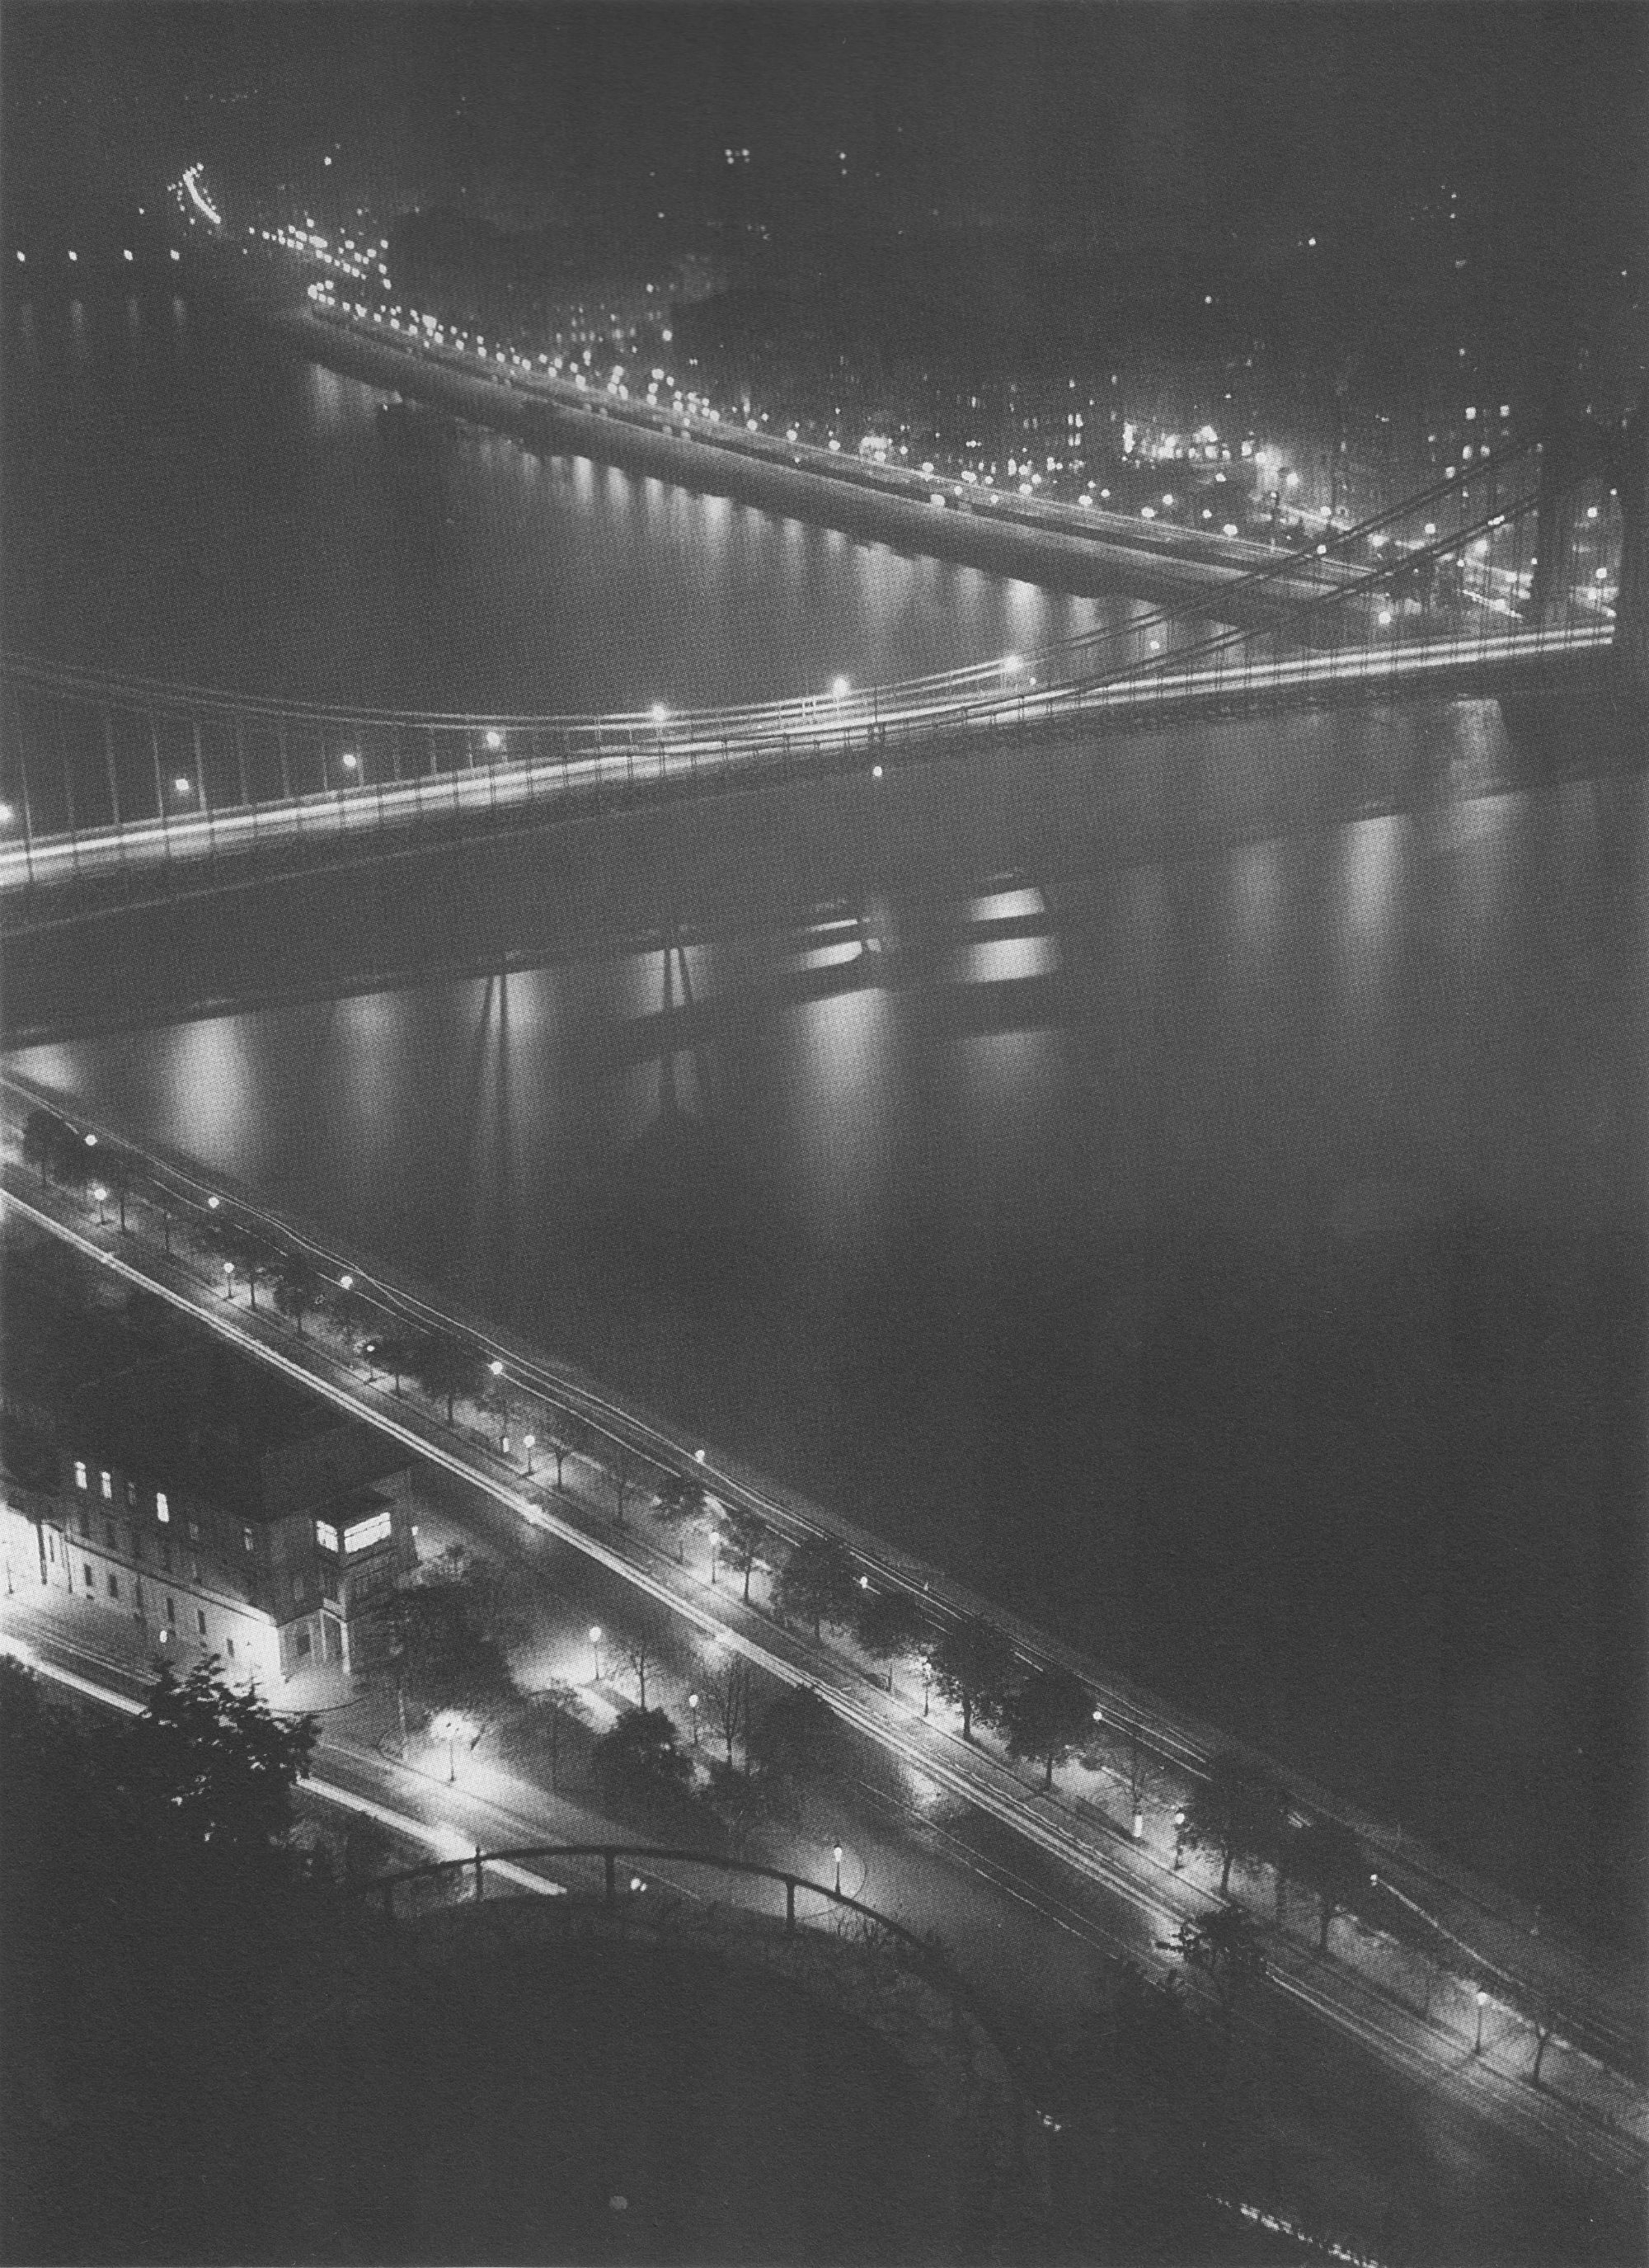 Fotó: Dulovits Jenő:  Az Erzsébet-híd Dunán tükröződő fényei, 1930-as évek közepe © Fejér Zoltán gyűjteménye